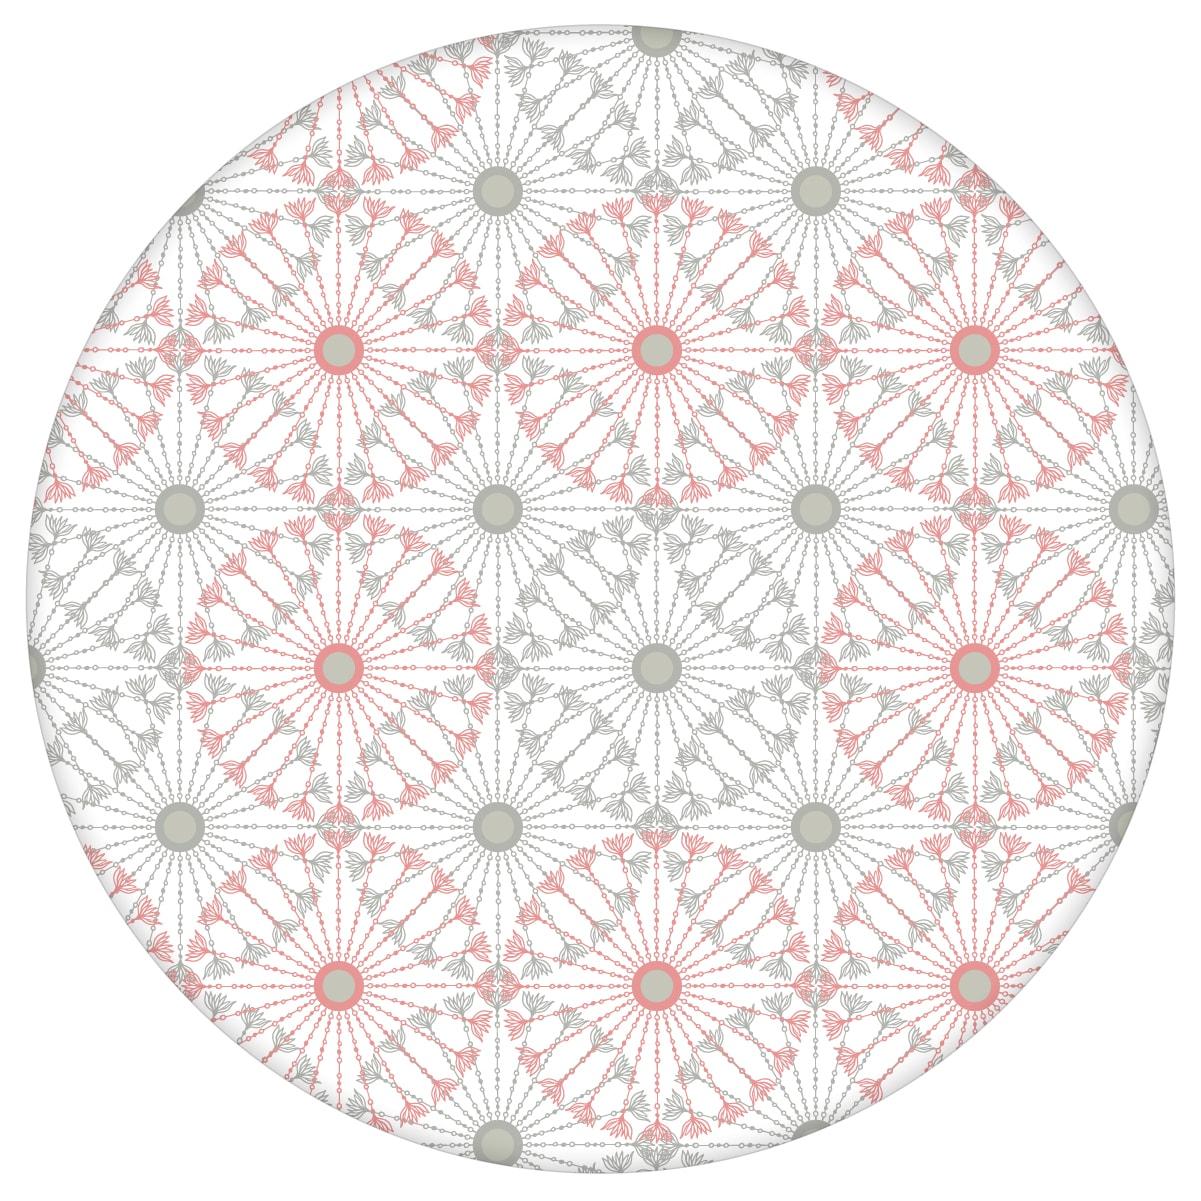 """Rosa graue Tapete """"Charming Circles"""" mit Pfeil Kreisen, edle Wanddeko für Wohnzimmeraus dem GMM-BERLIN.com Sortiment: rosa Tapete zur Raumgestaltung: #00168 #grafisch #Grafische Tapete #grau #Graue Tapeten #kreise #ornamente #Pfeile #rosa #rosa Tapeten #Wohnzimmer für individuelles Interiordesign"""